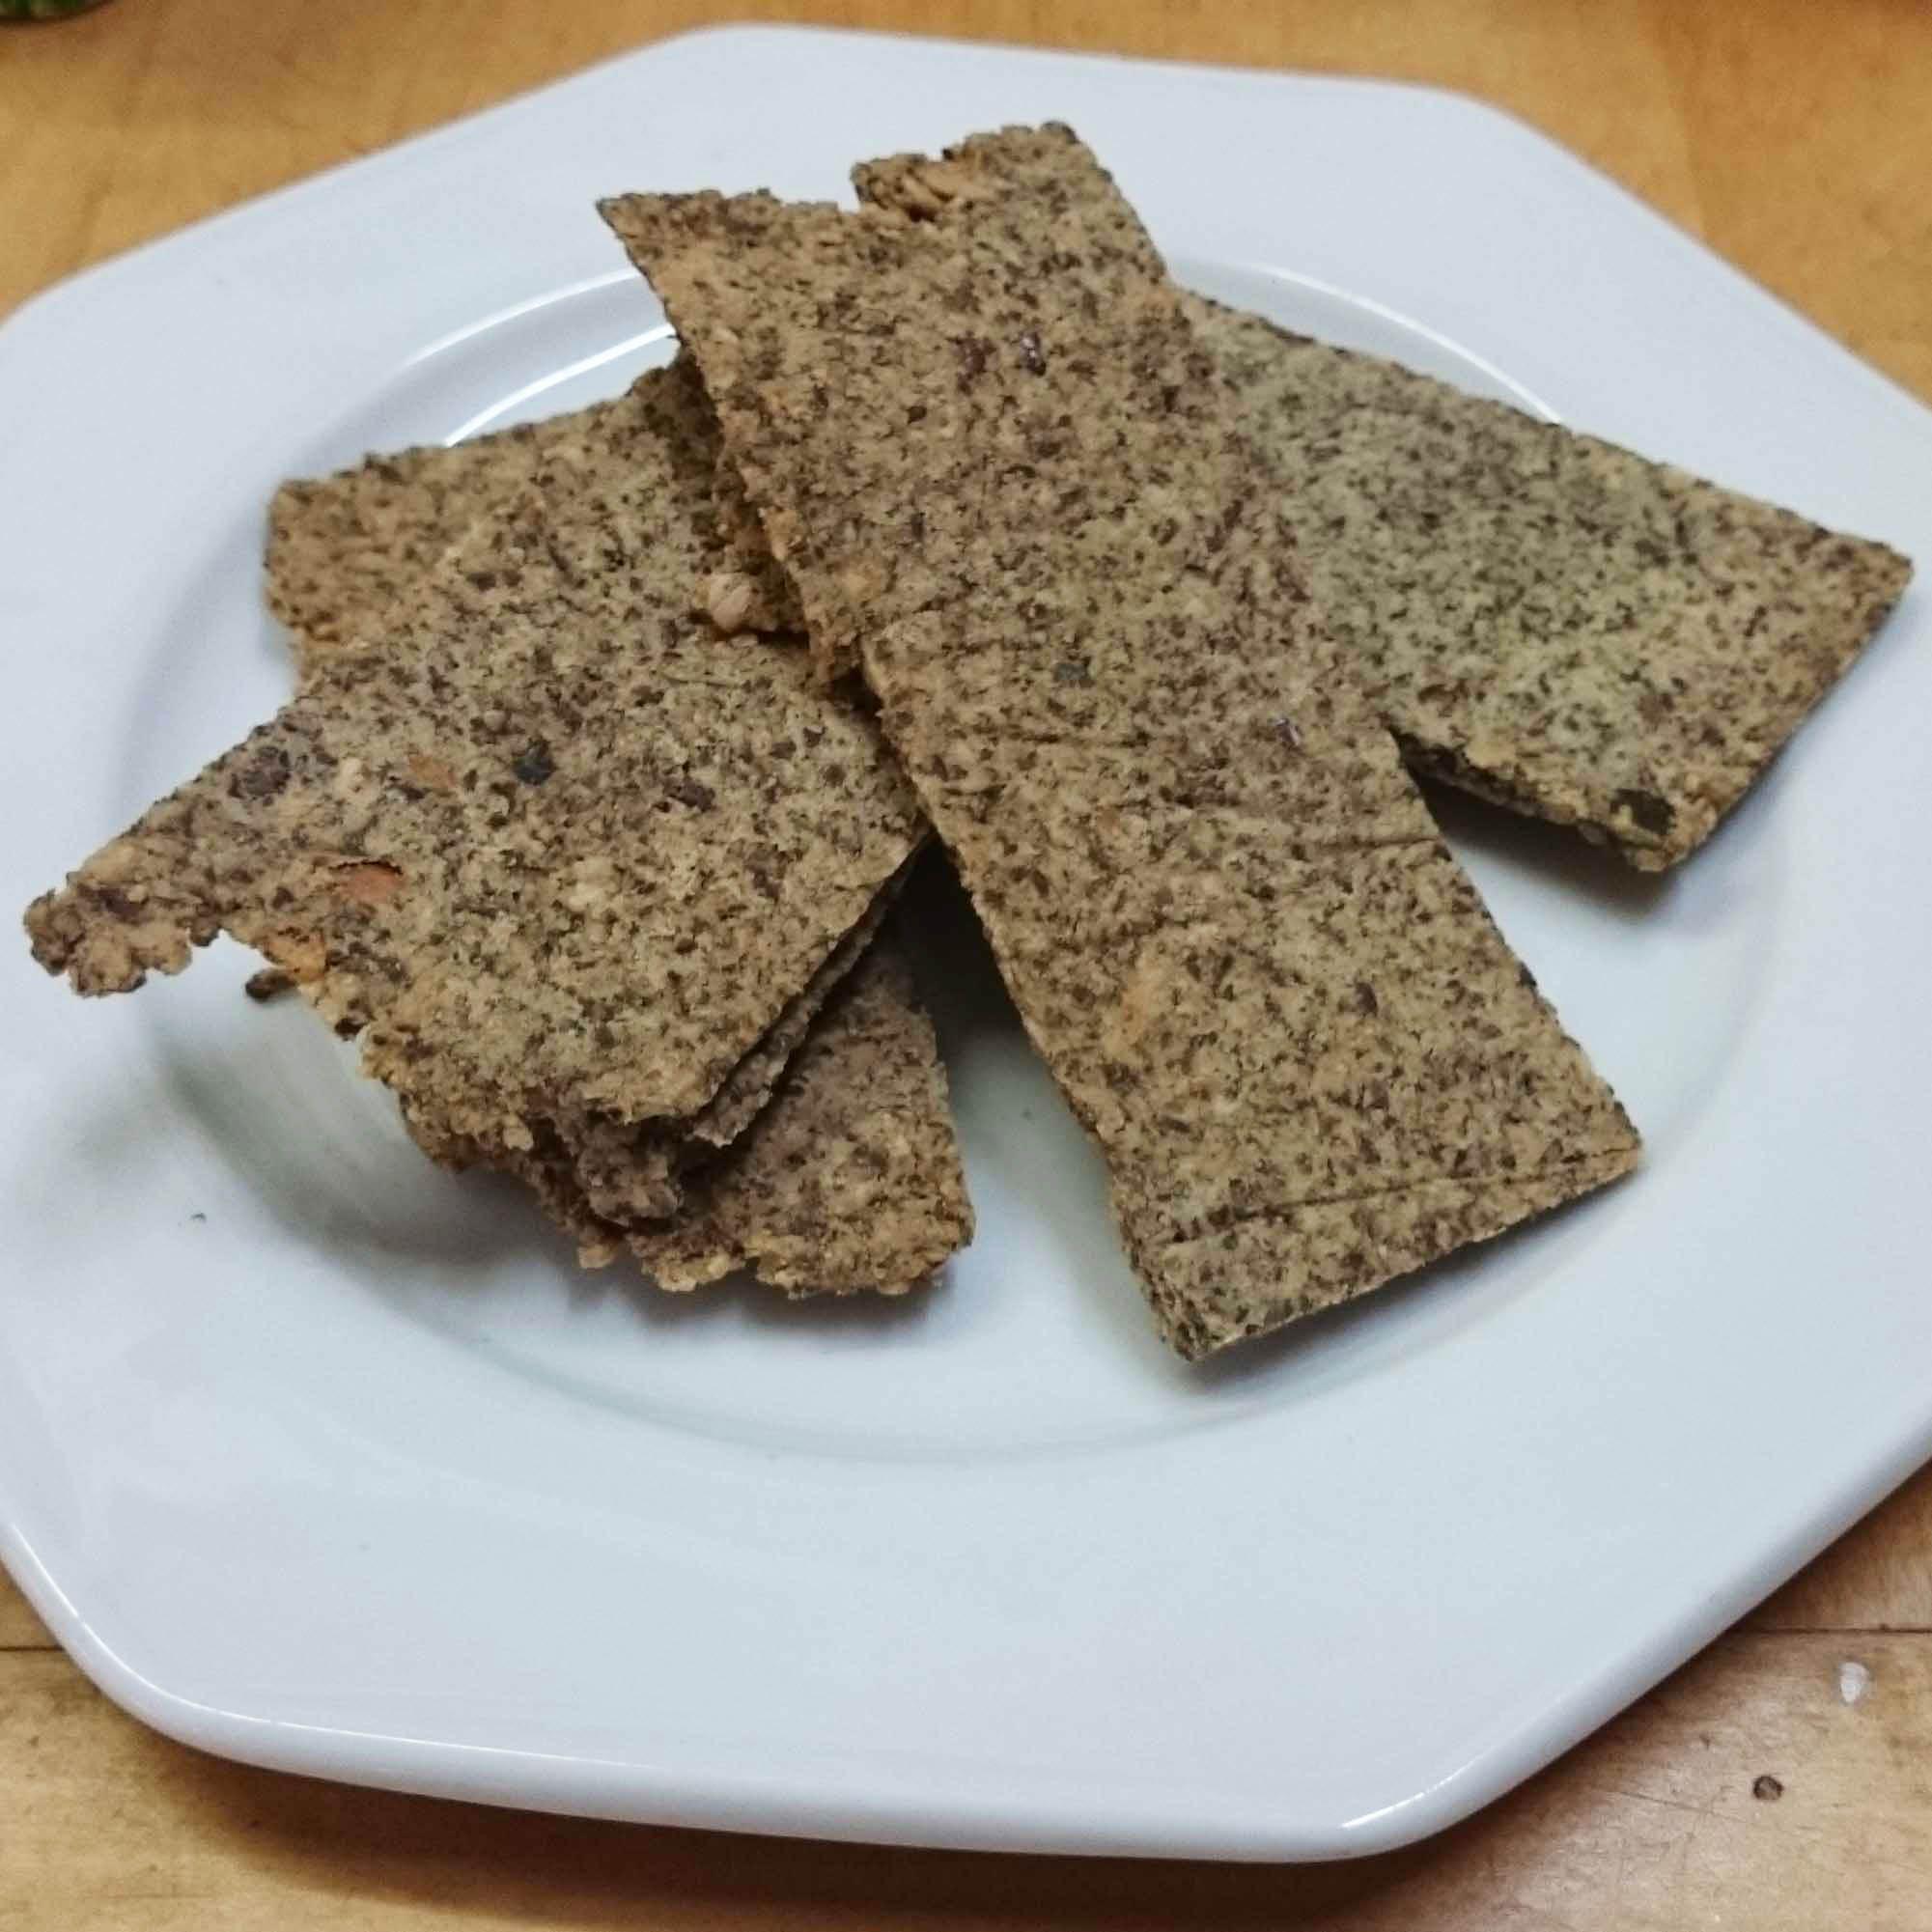 Zelfgemaakte crackers van pitten en lijnzaad